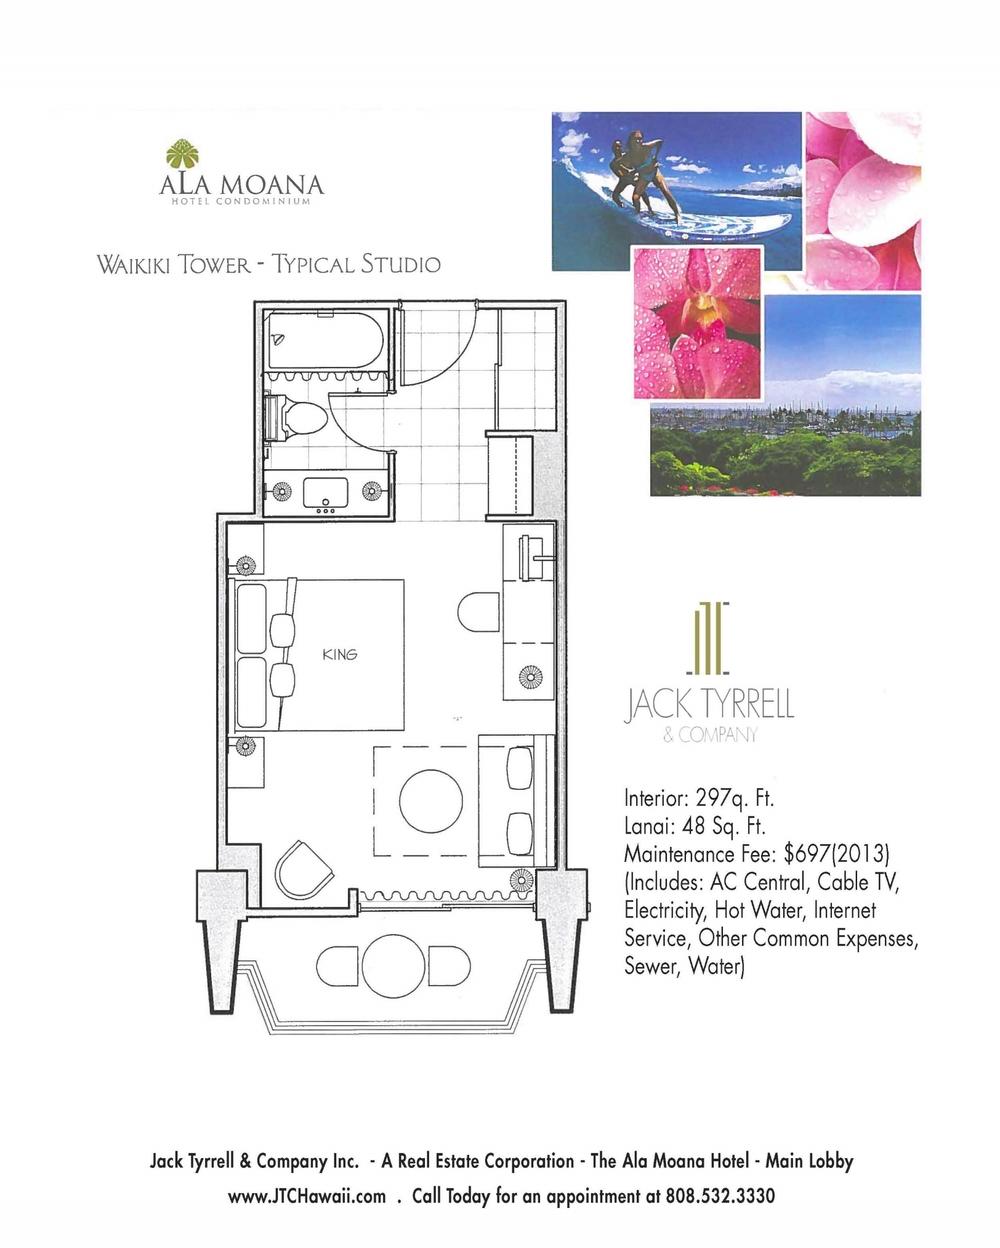 Ala Moana Hotel And Condo Jack Tyrrell Company